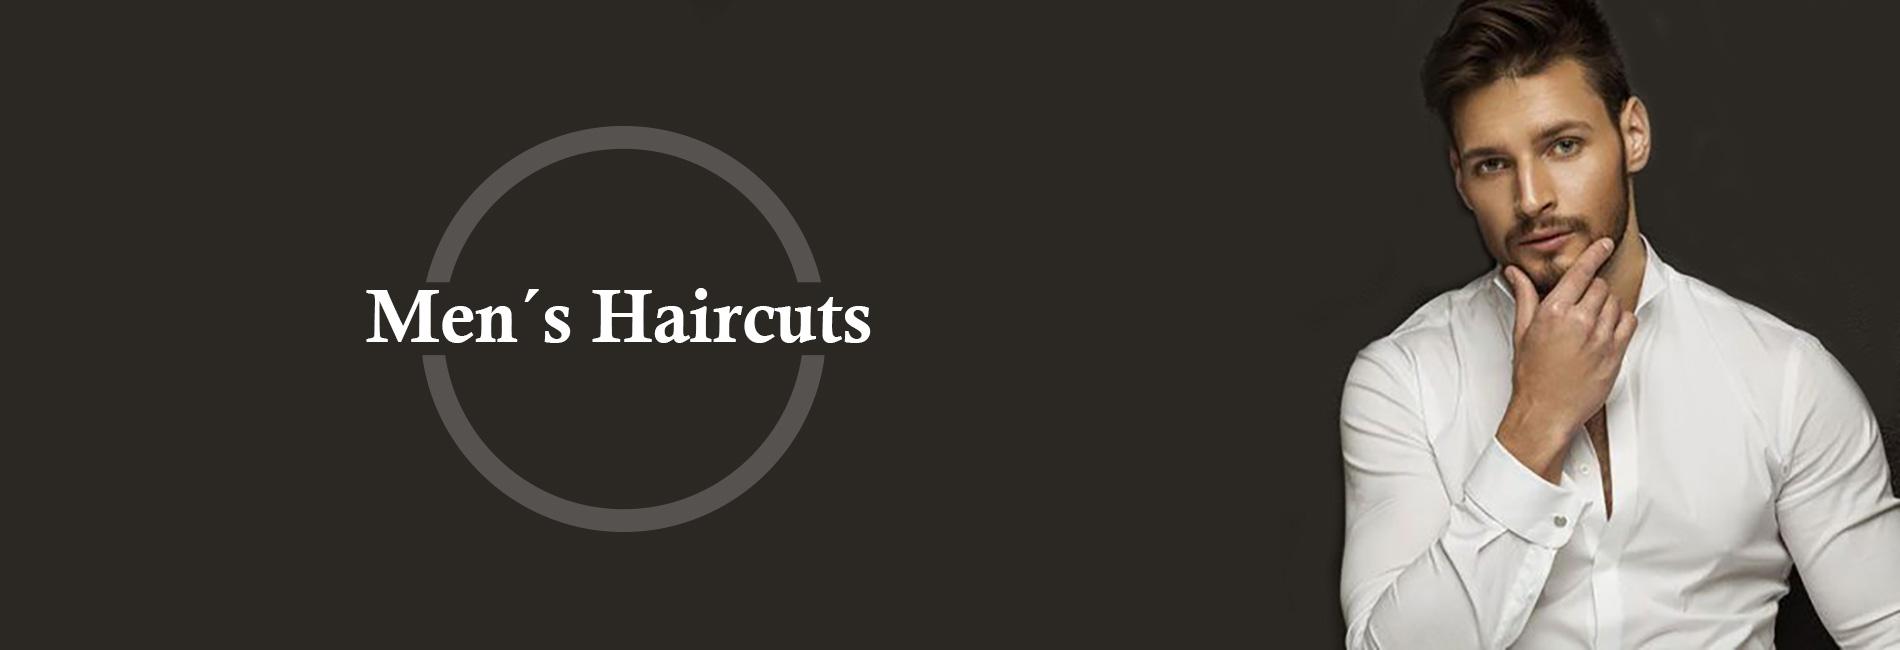 Mens Haircuts My Hair Guru, Hair Colour, Top Hair Salon in Paisley